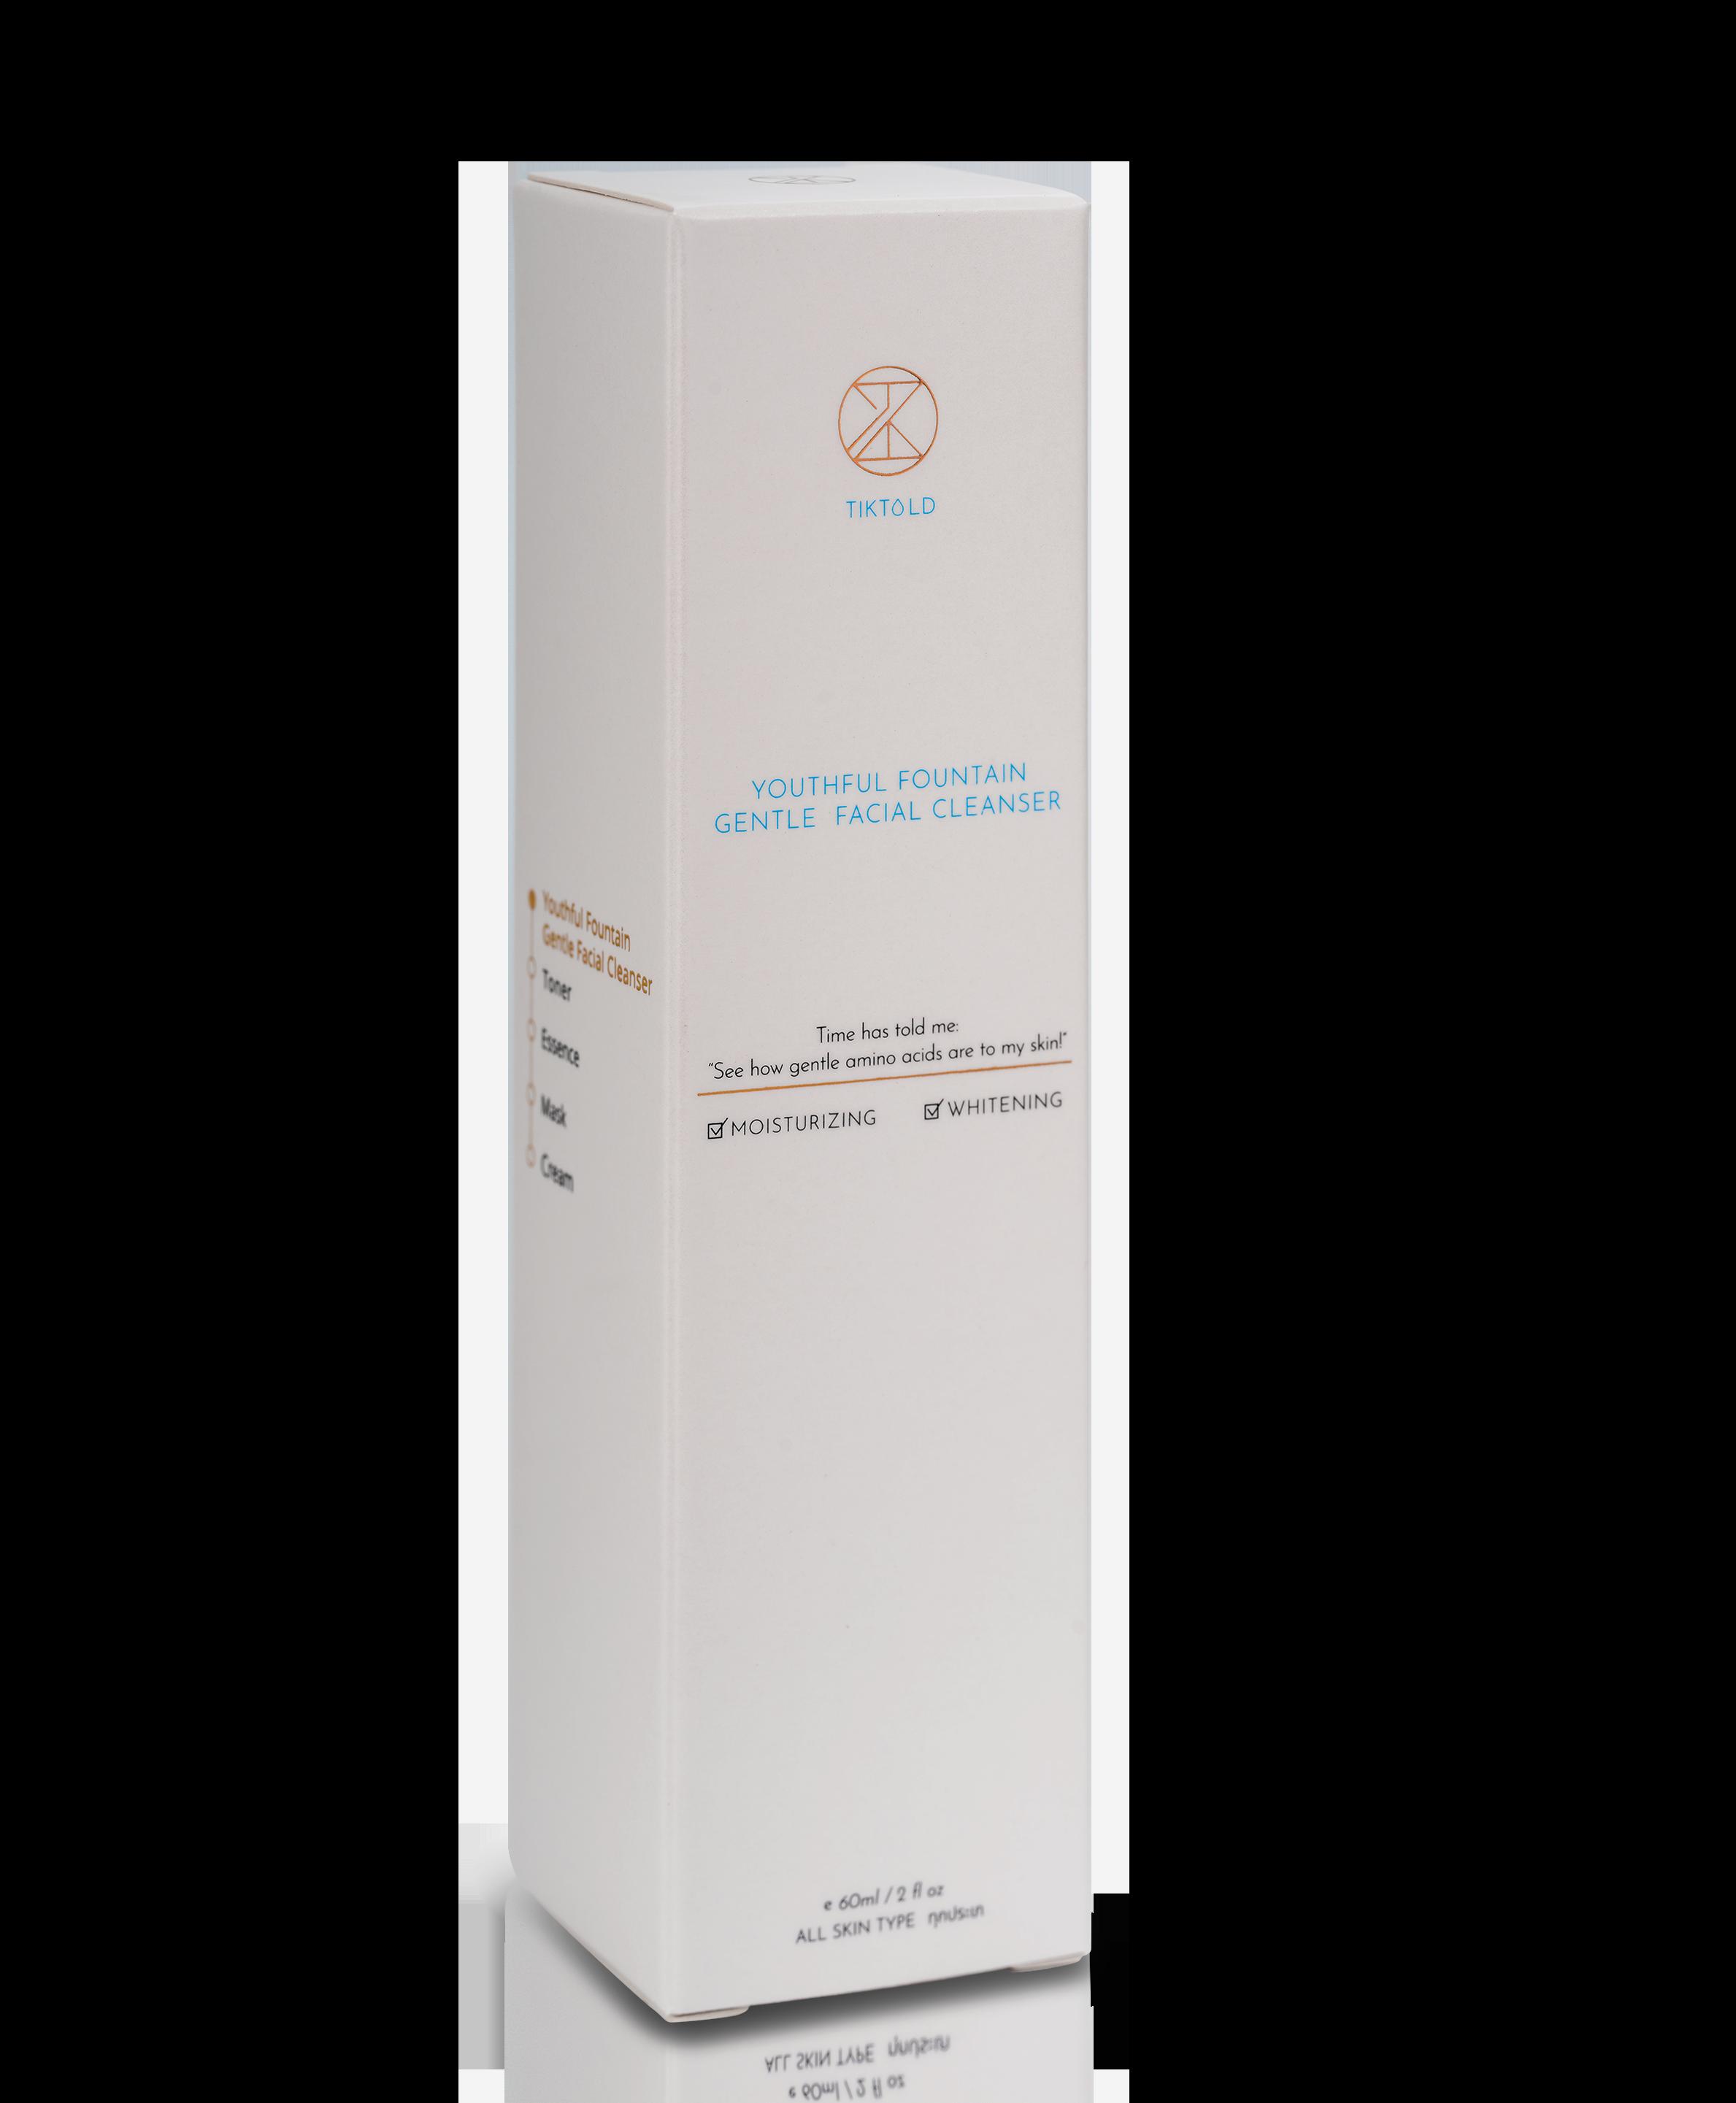 剔透 Tiktold 青春活泉溫和潔顏霜 60mL 去除臉部油脂和污垢,締造潔淨剔透好膚色